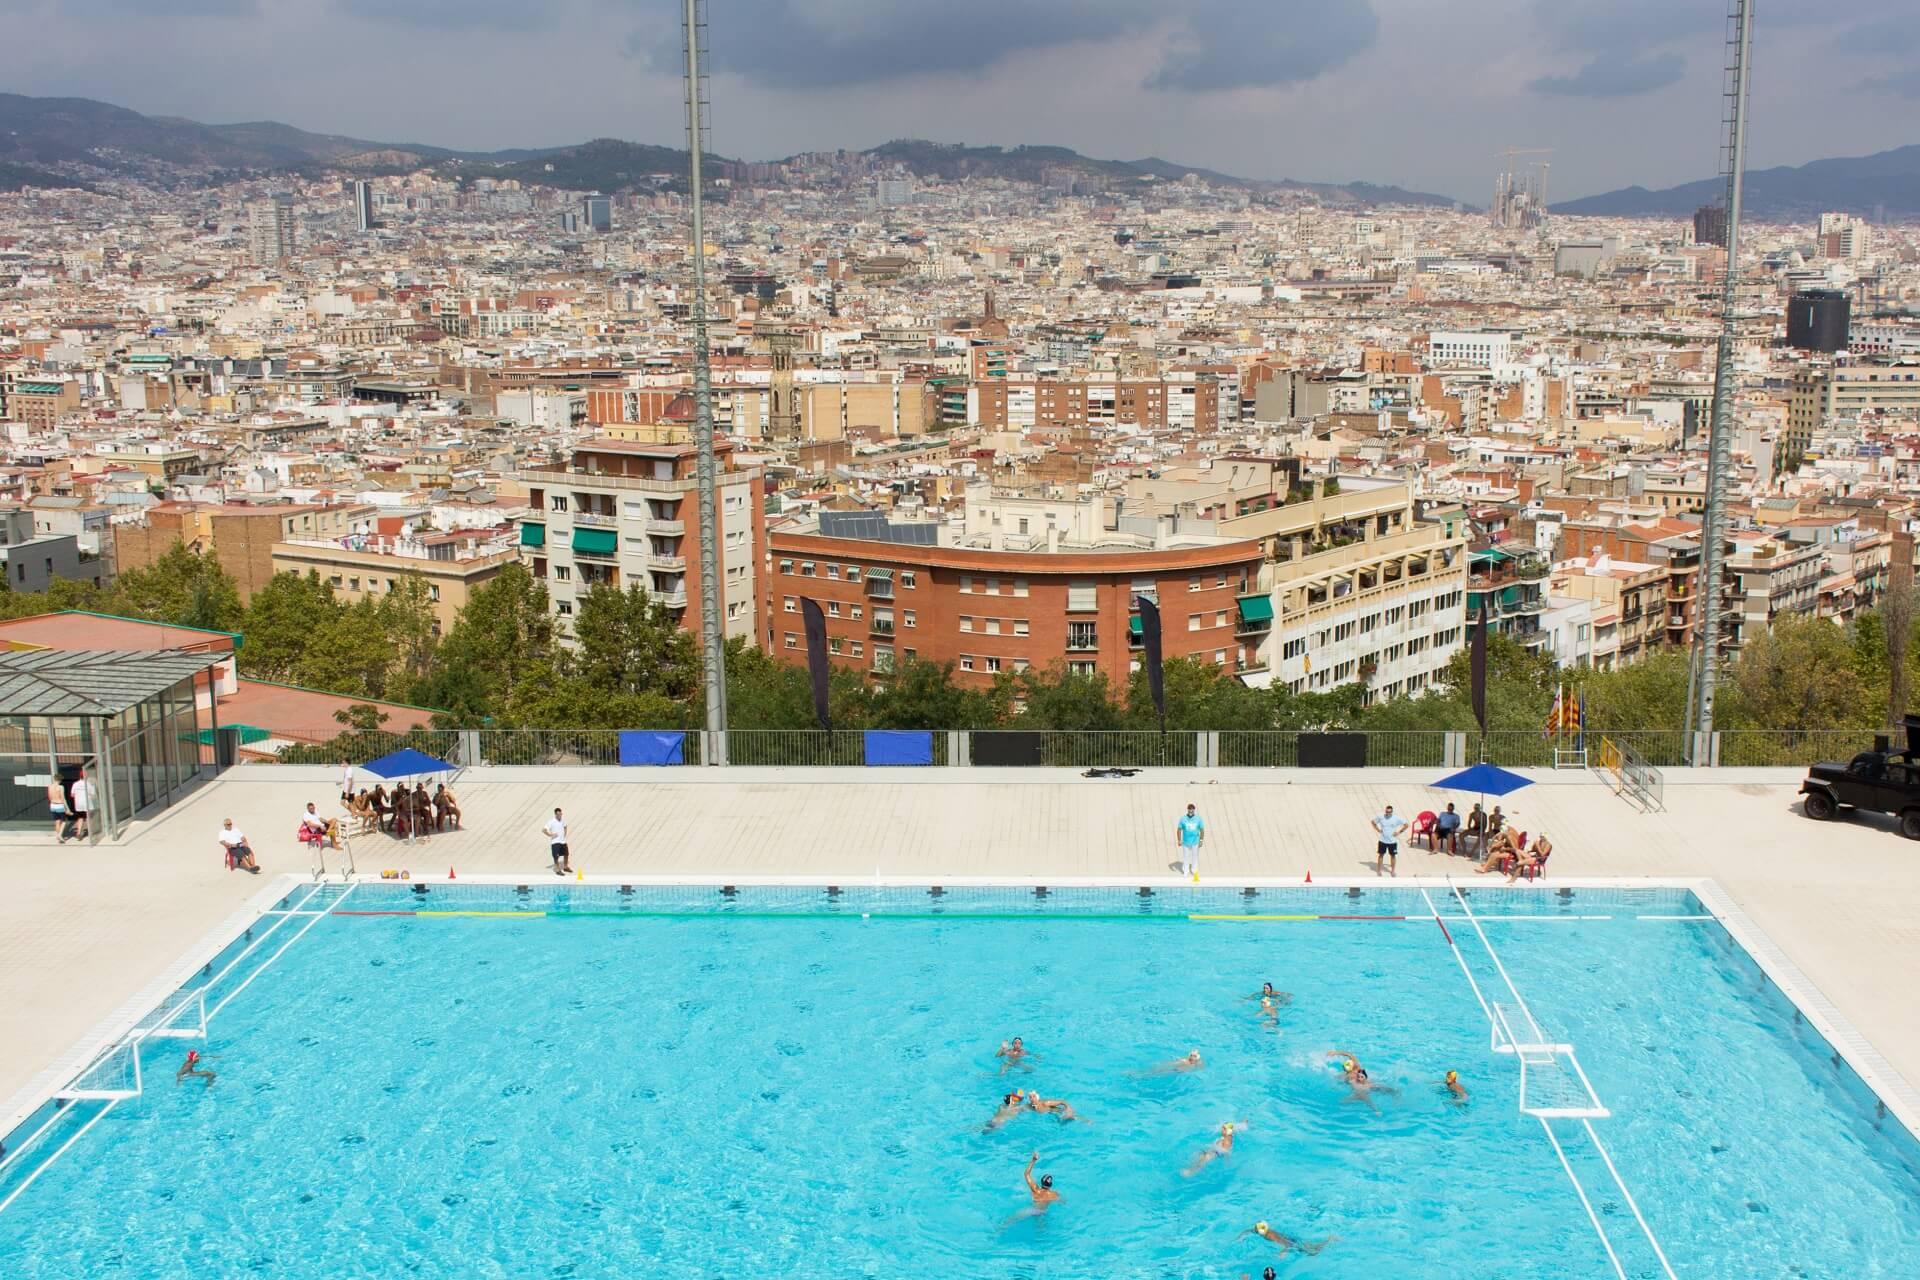 Von diesem Schwimmbad in Barcelona hat man eine tolle Aussicht